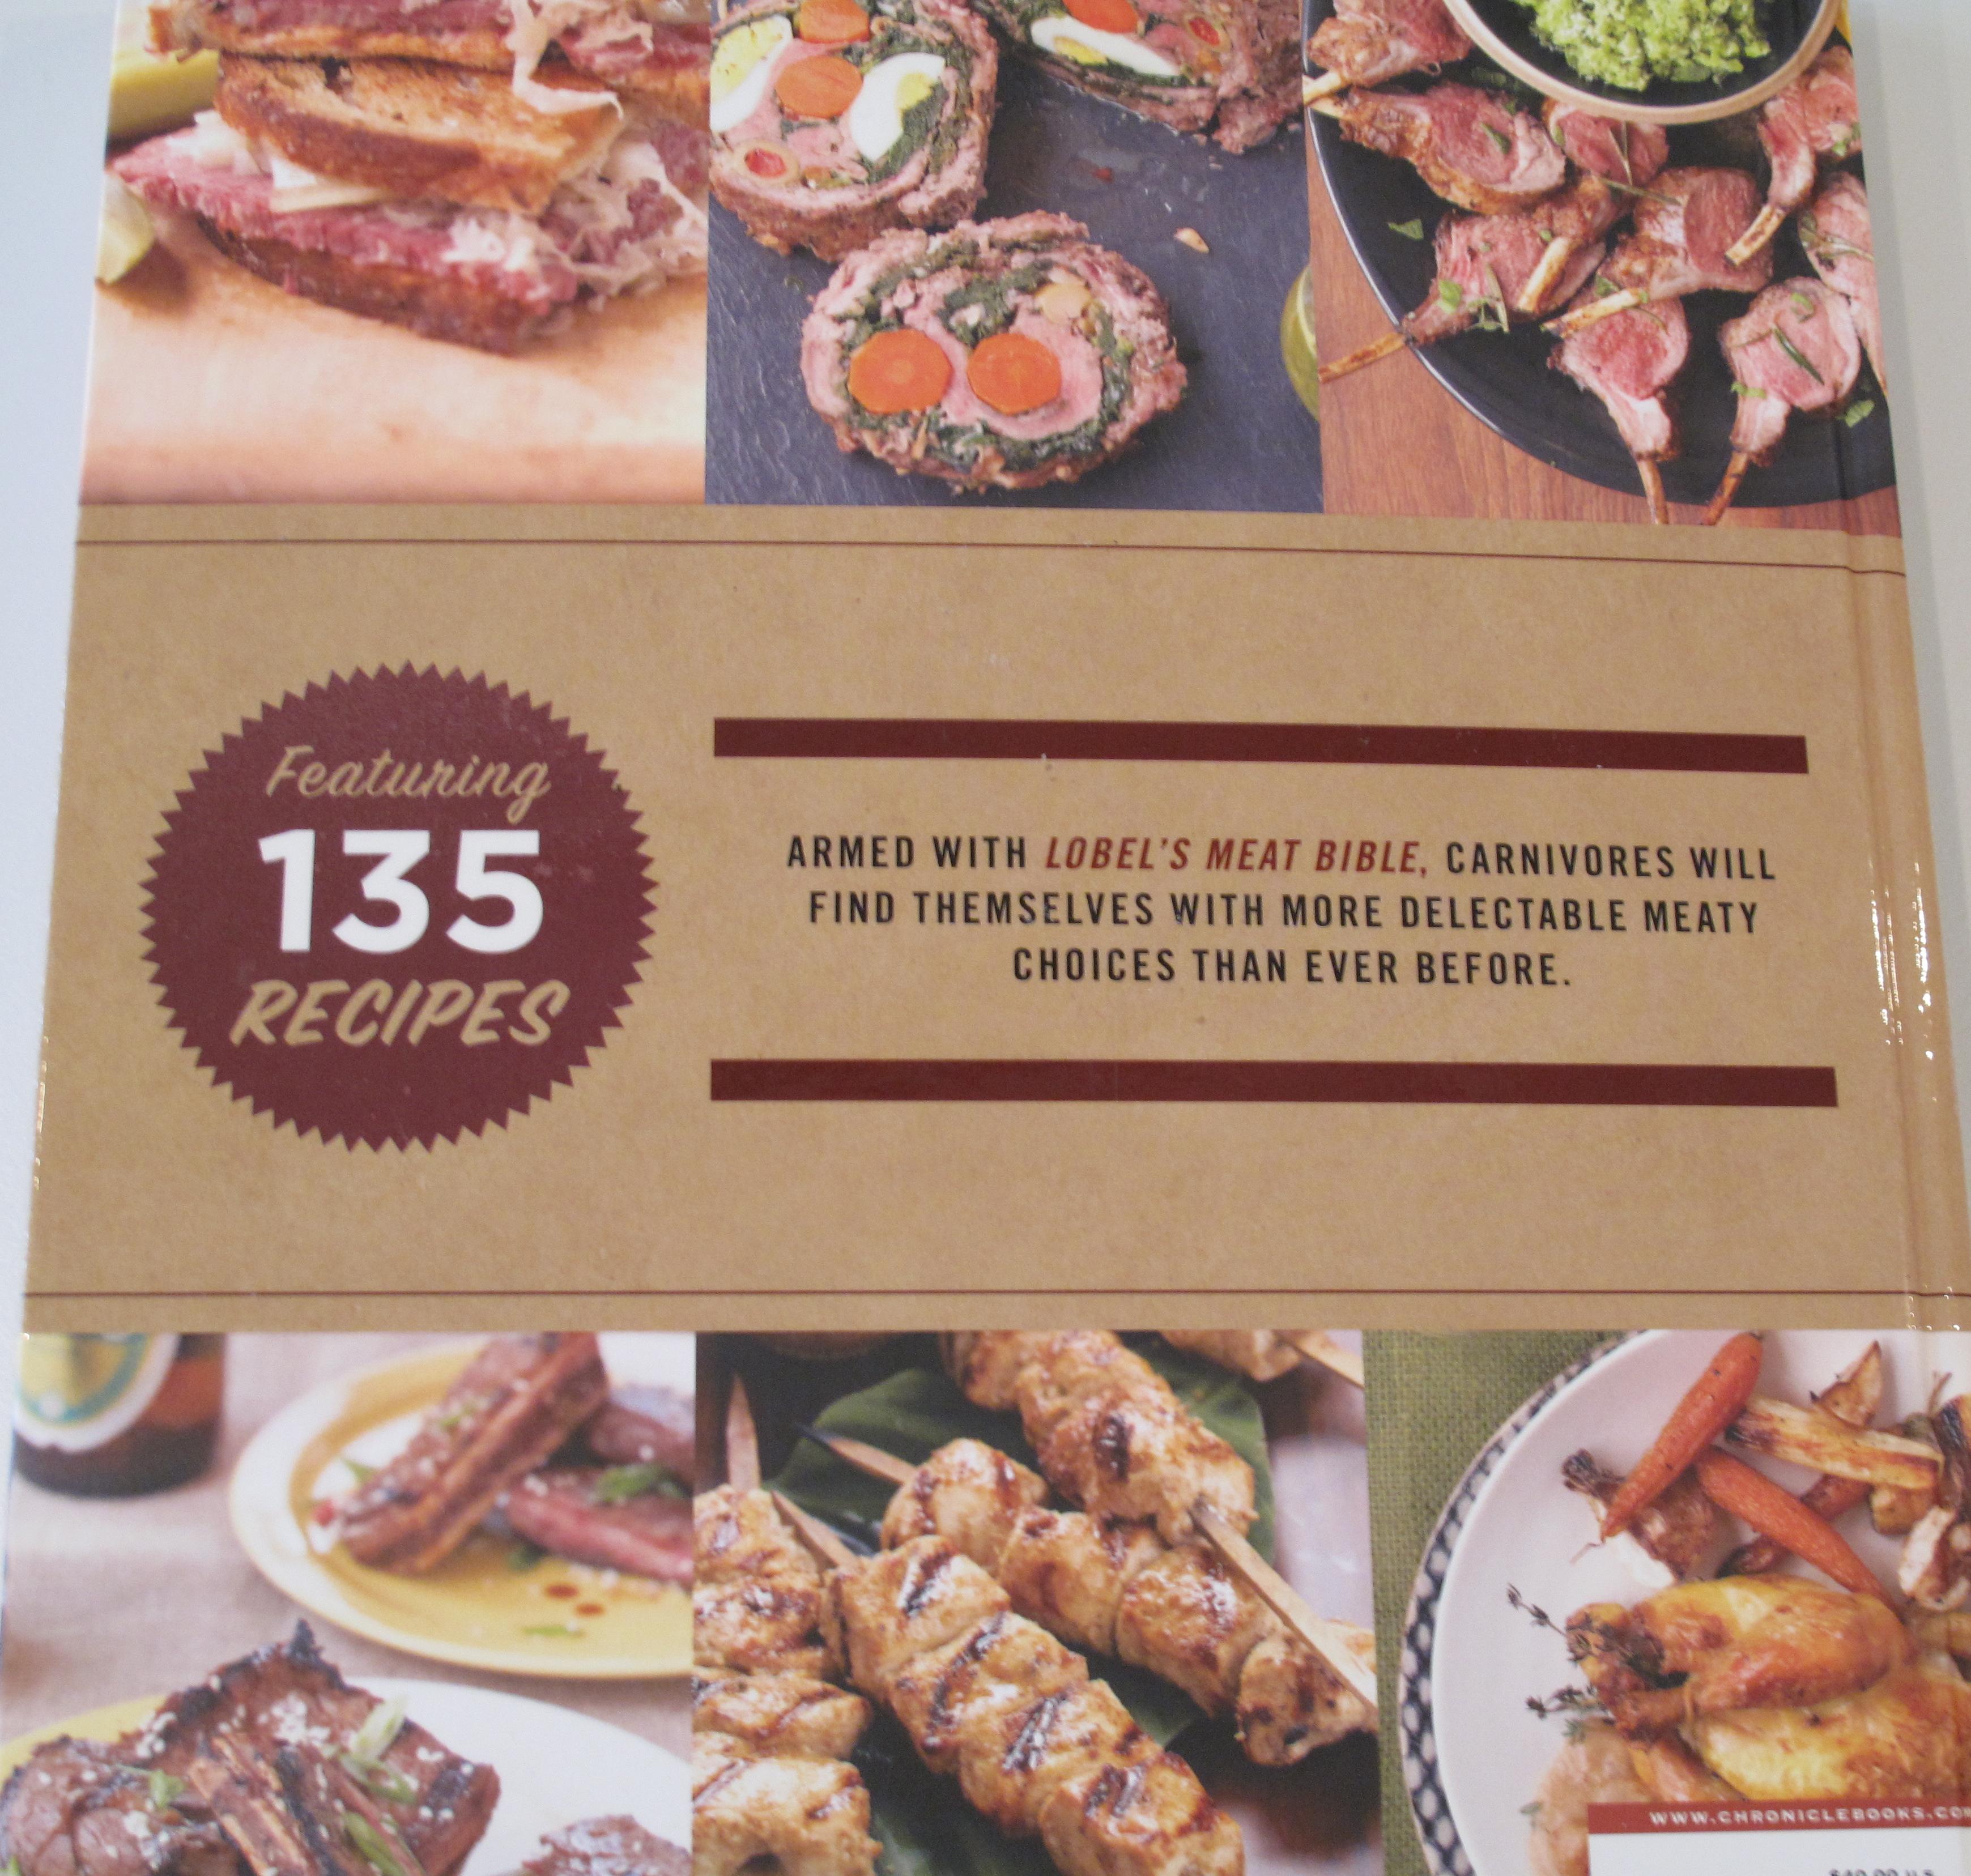 Lobel's Meat Bible